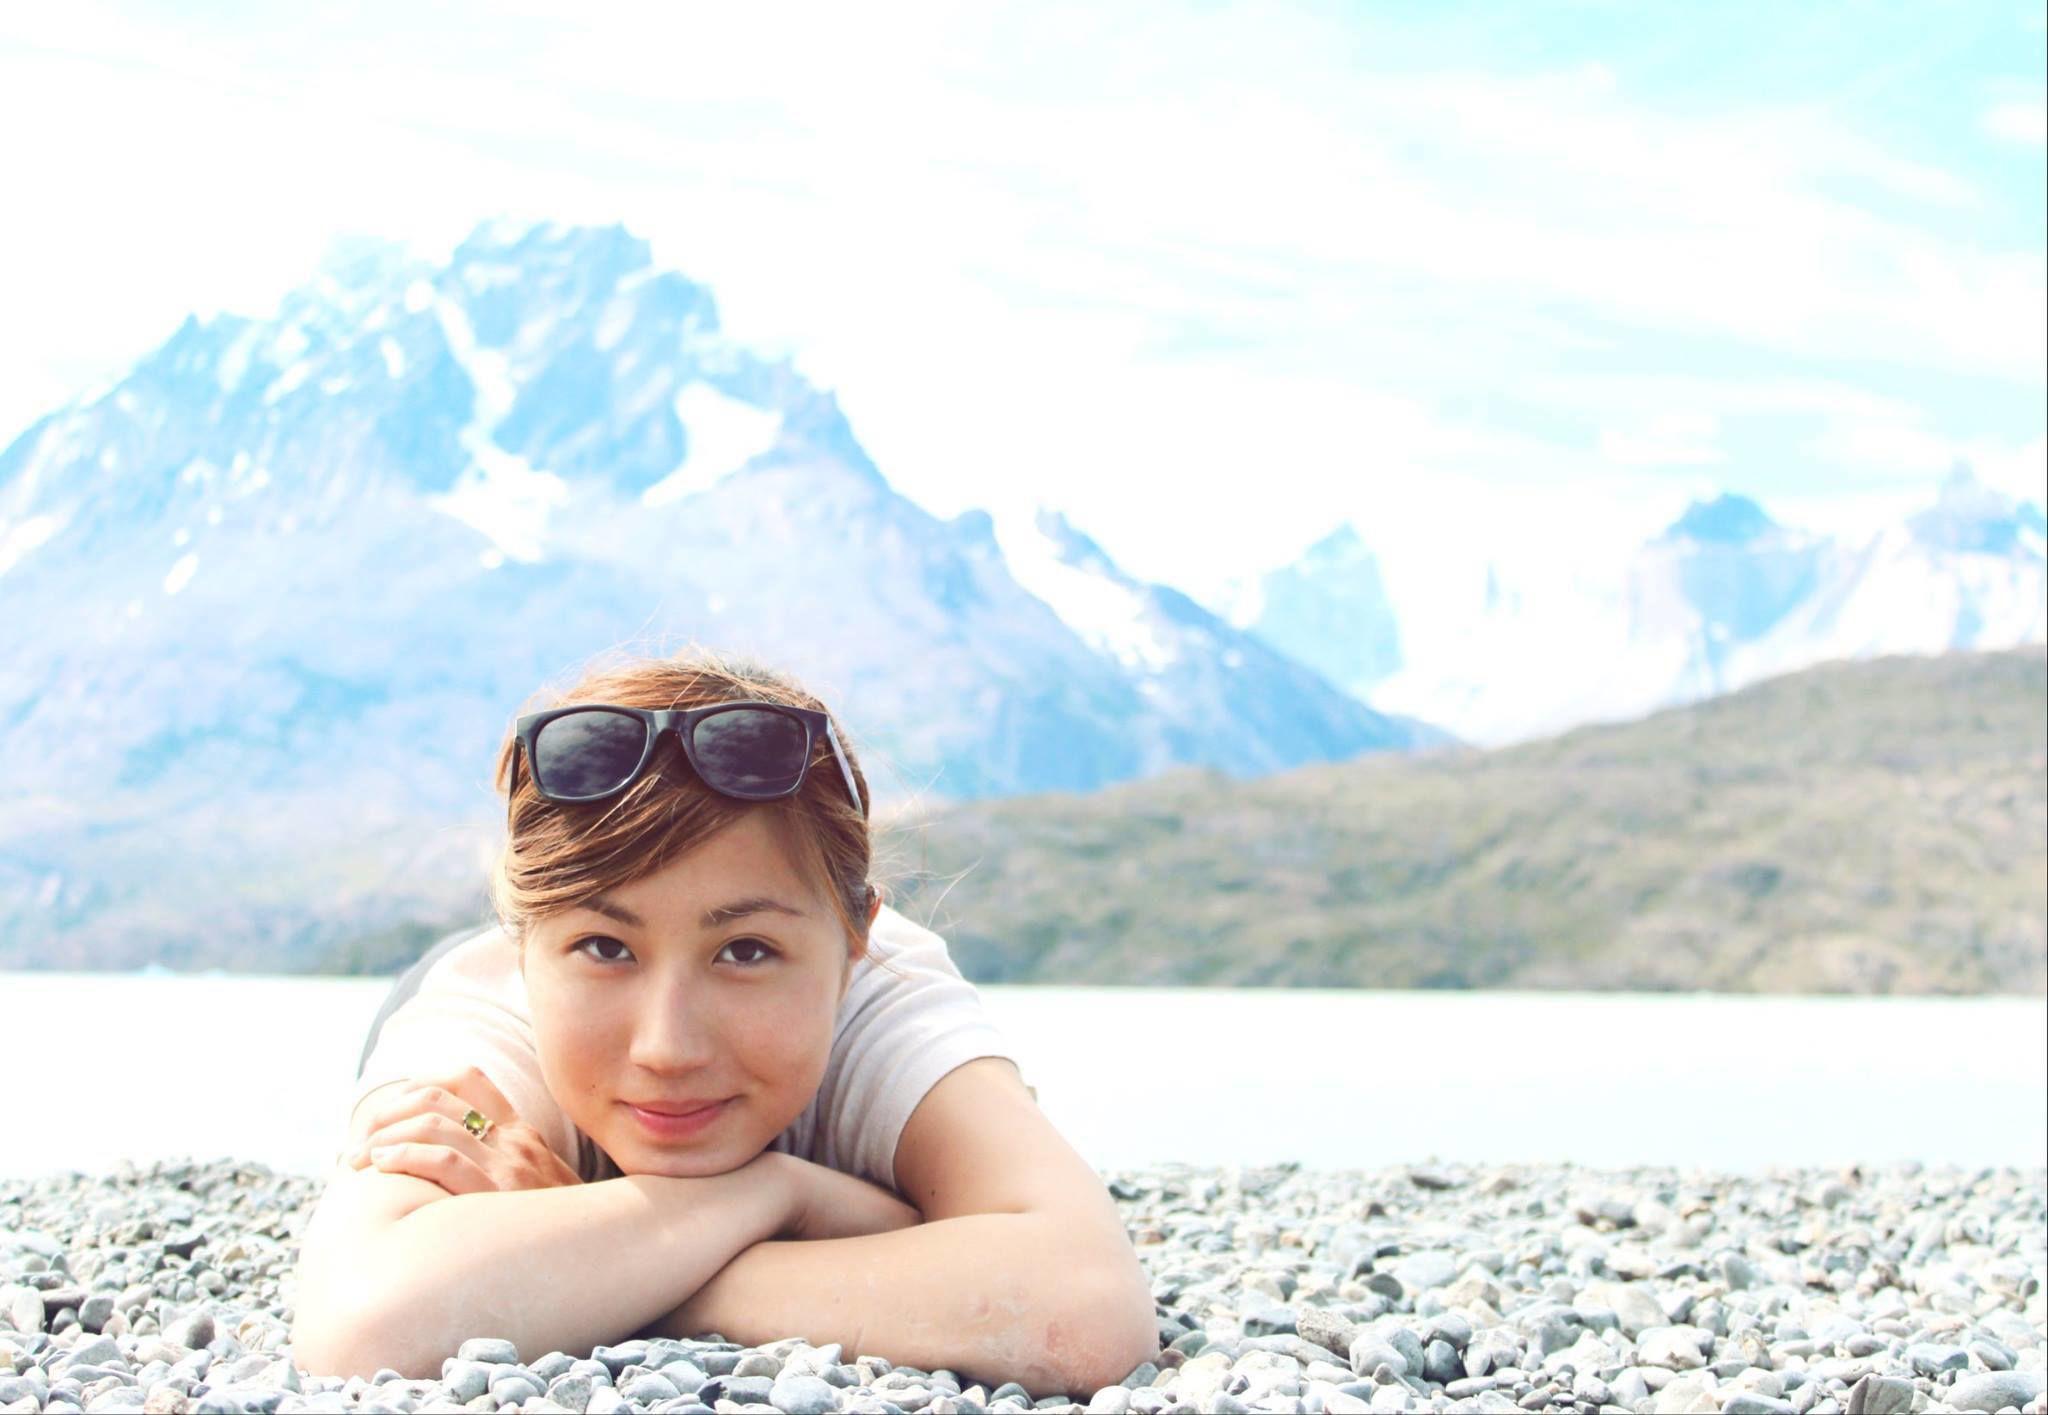 7大陸最高峰を「日本人最年少」で制覇した女子大生、南谷 真鈴さんってどんな人?